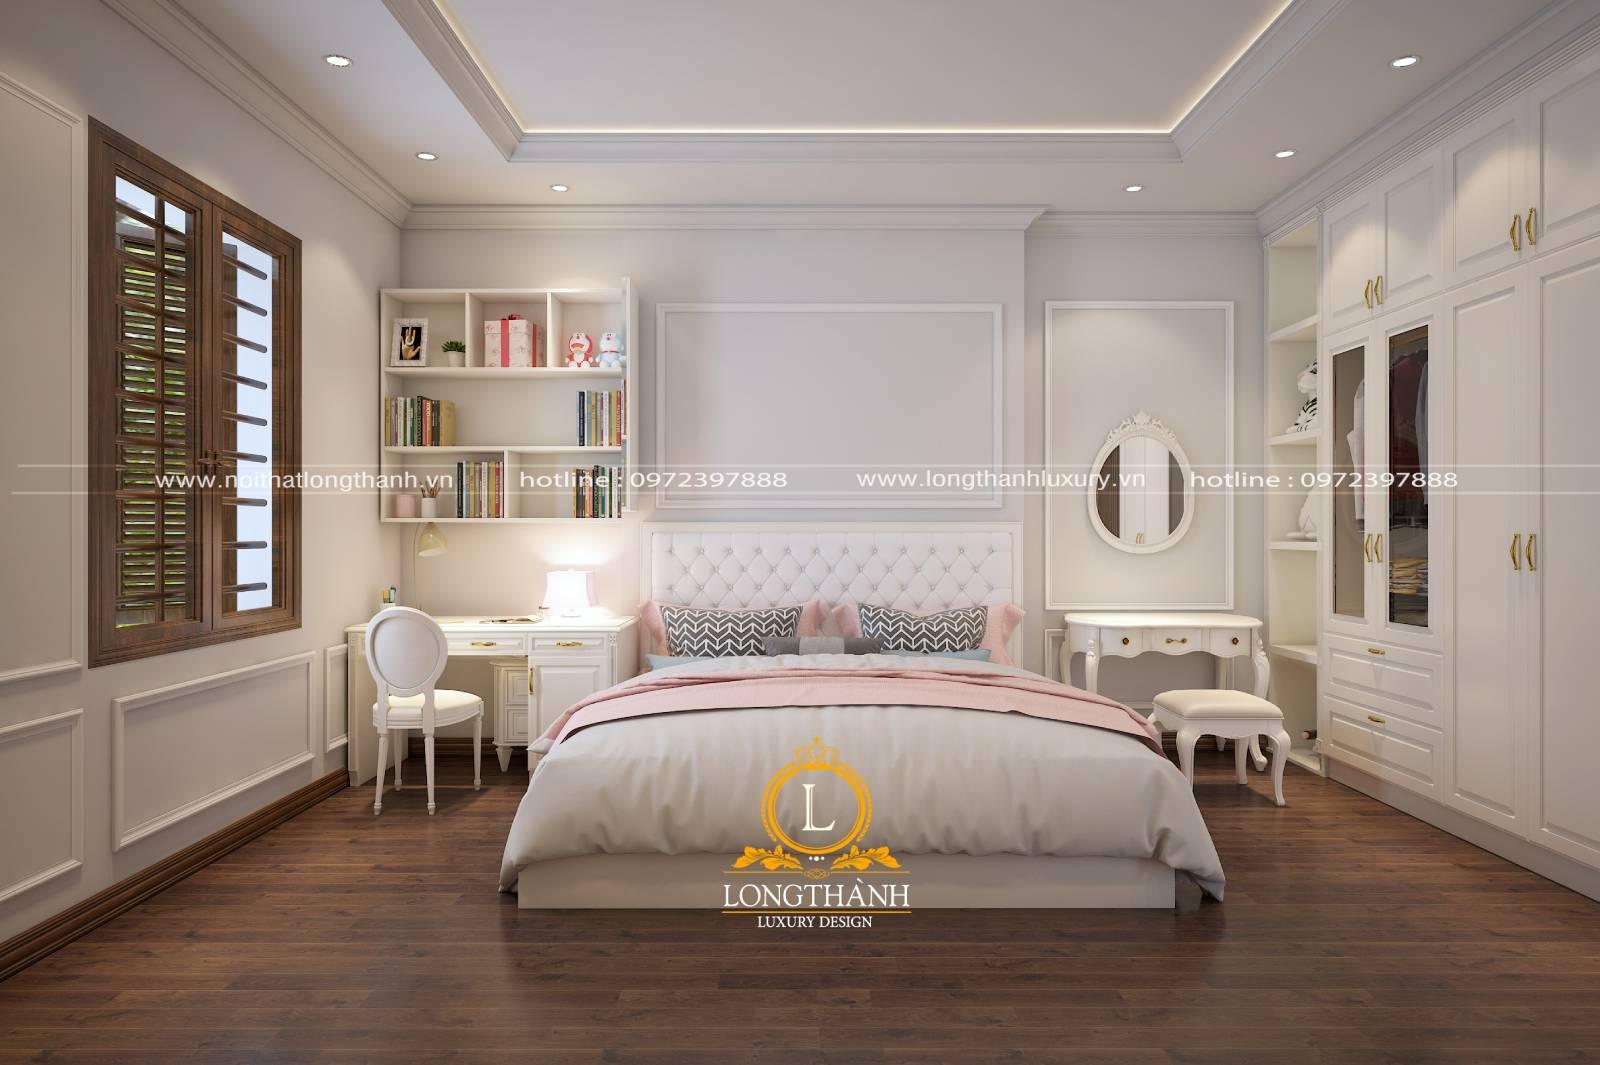 Mẫu phòng ngủ tân cổ điển đẹp màu trắng với đồ nội thất đơn giản tiện lợi